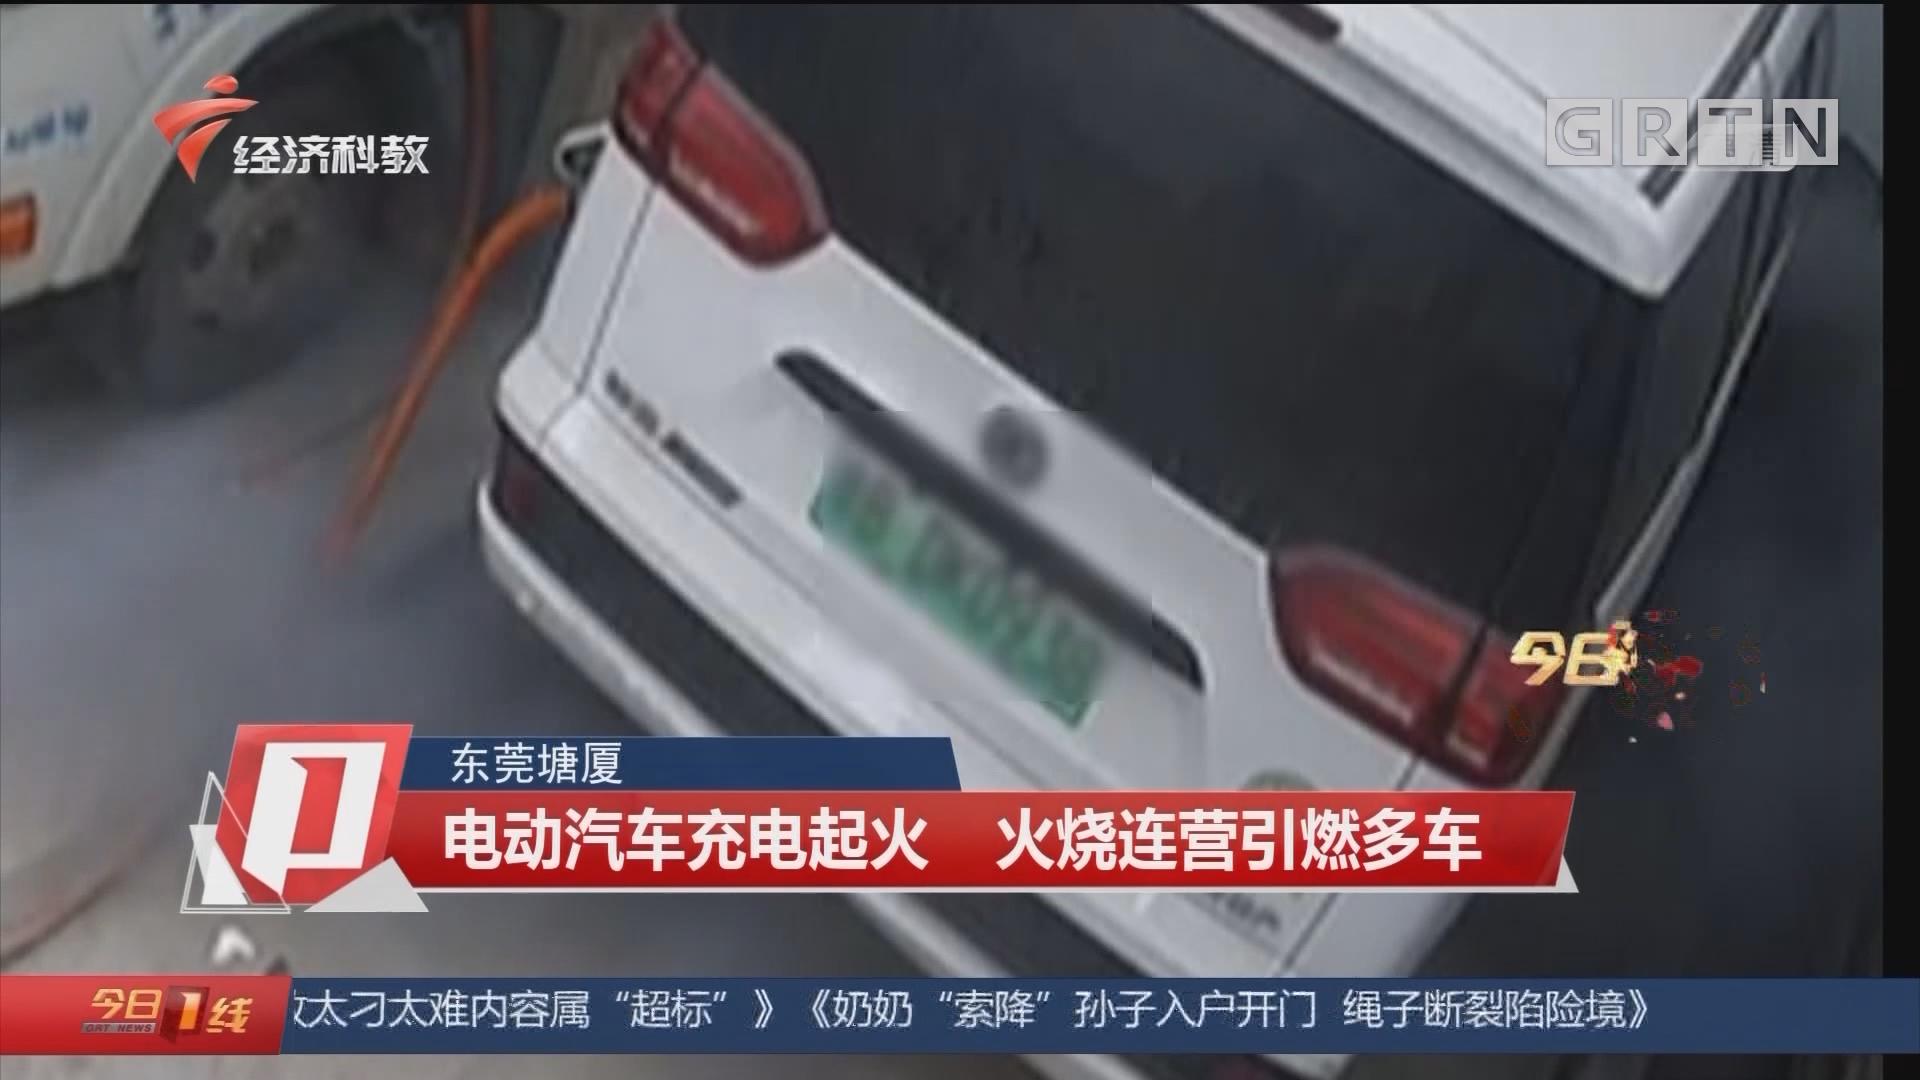 東莞塘廈 電動汽車充電起火 火燒連營引燃多車